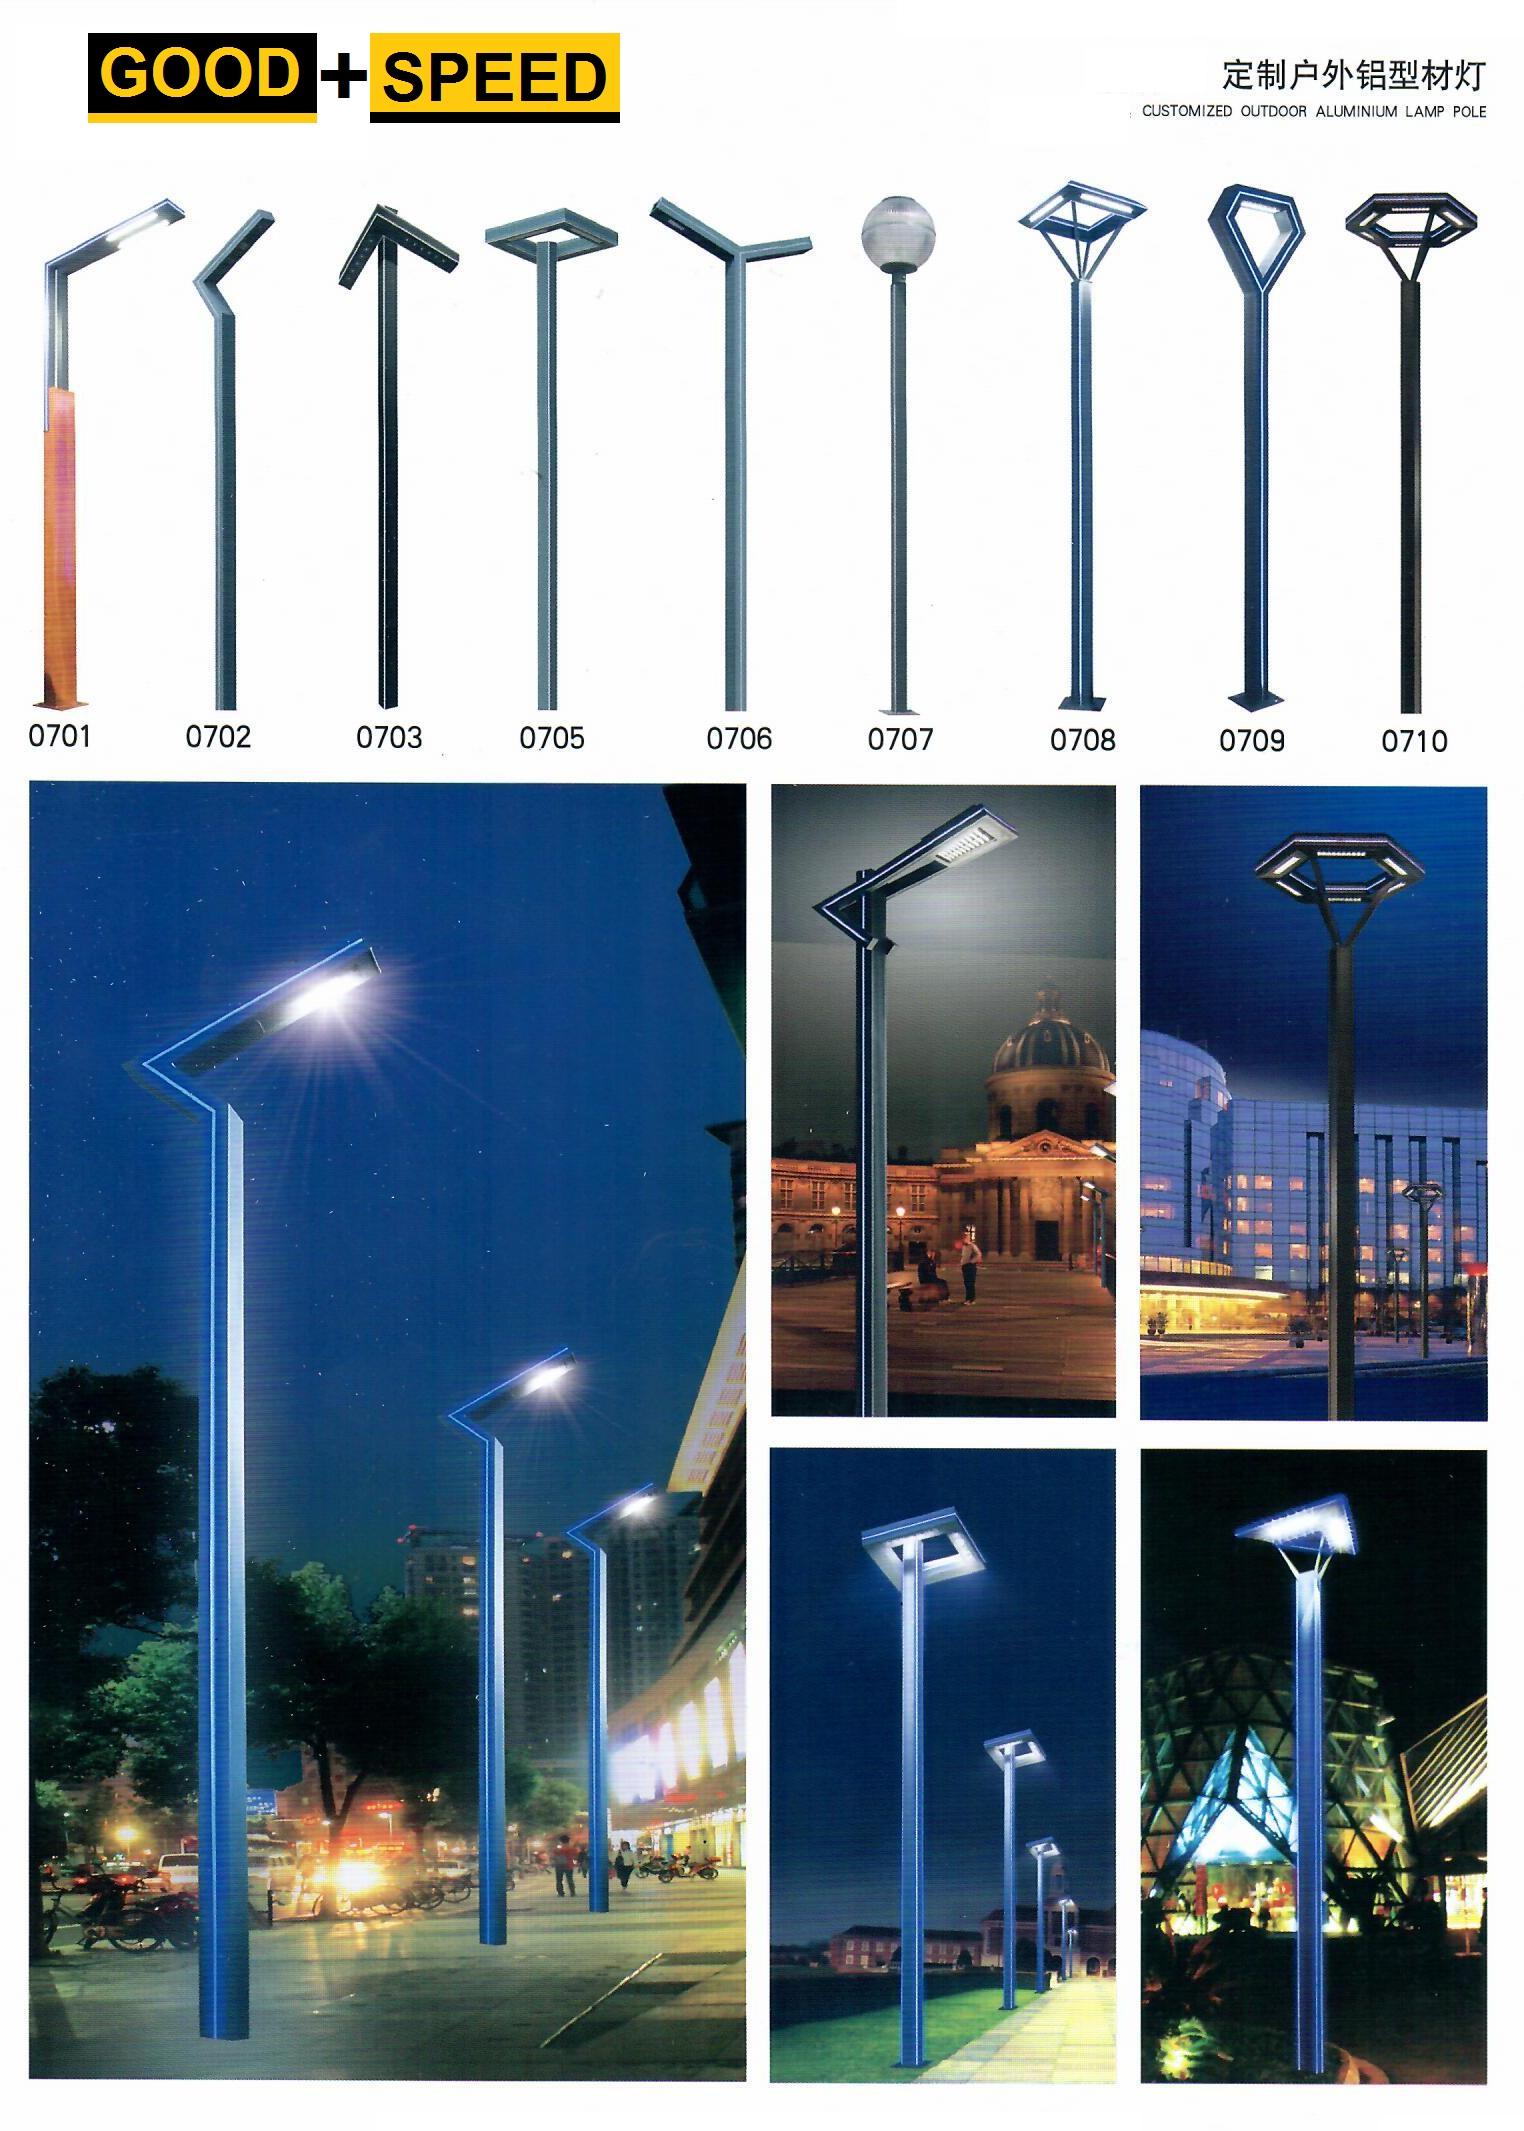 5-Outdoor LED Aluminium Lamp Pole – GOOD SPEED LIGHT